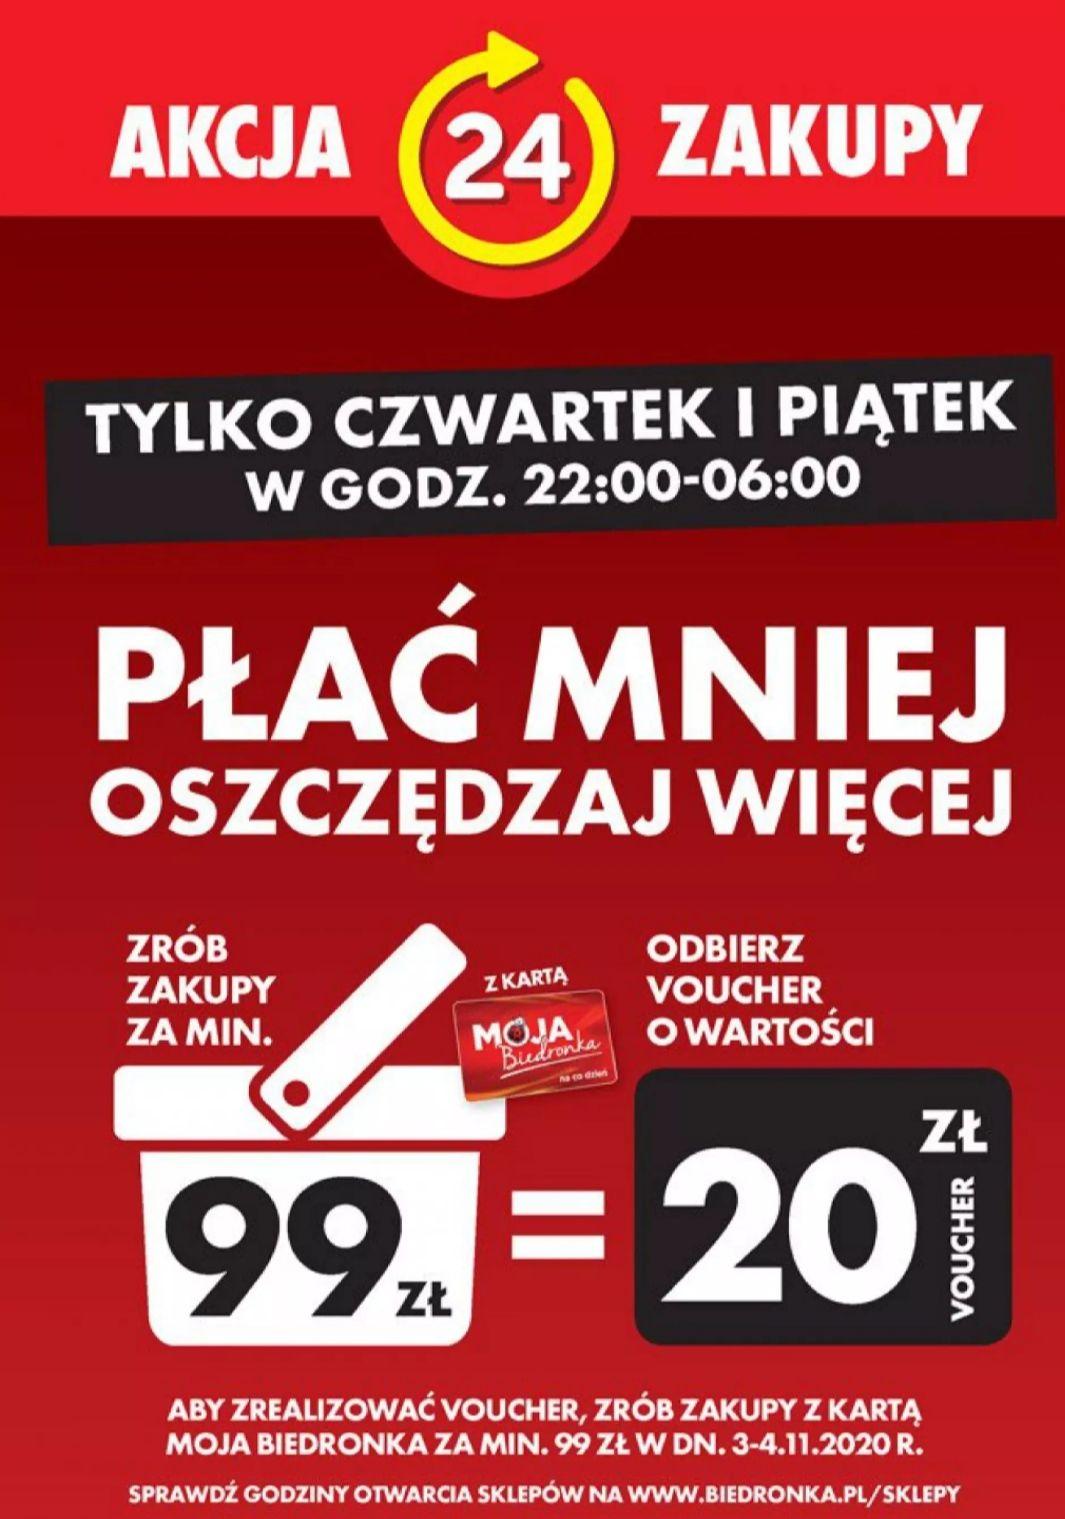 Biedronka Voucher 20 zł przy zakupach za 99